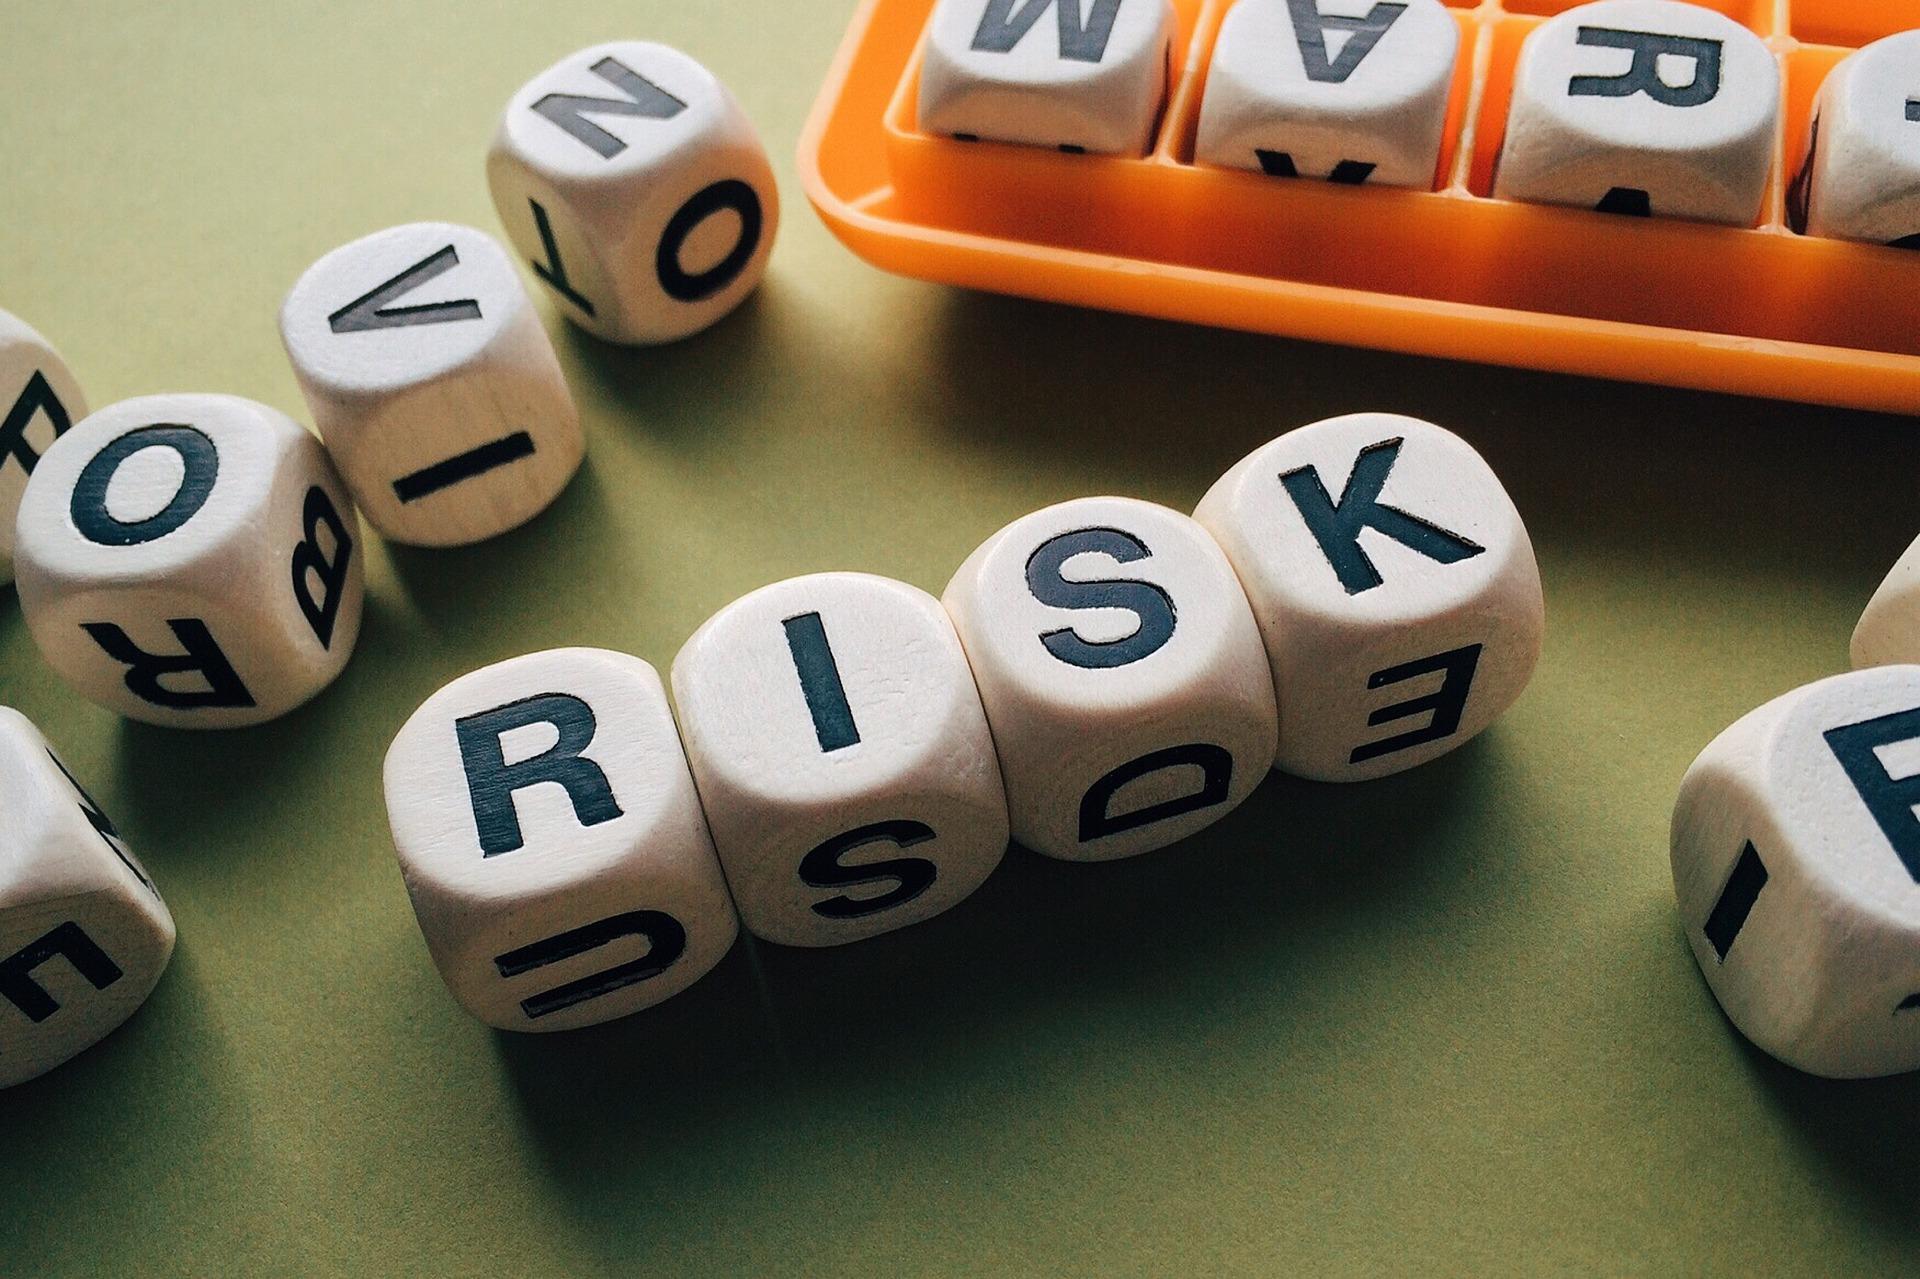 Risikomanagement für Unternehmen und kritische Infrastrukturen